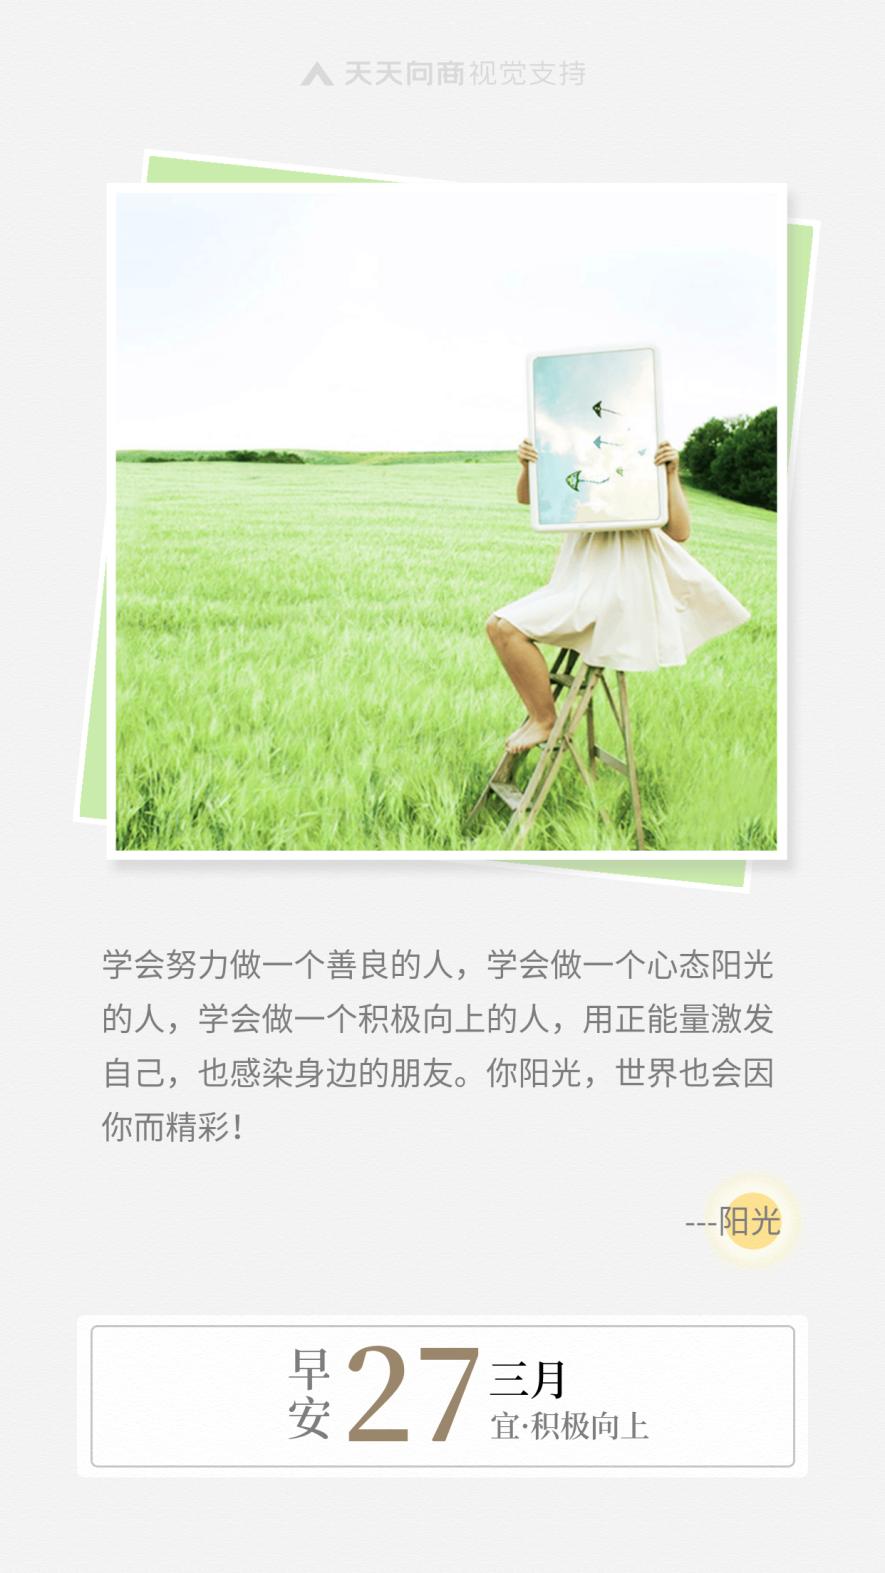 文艺清新早安阳光语录